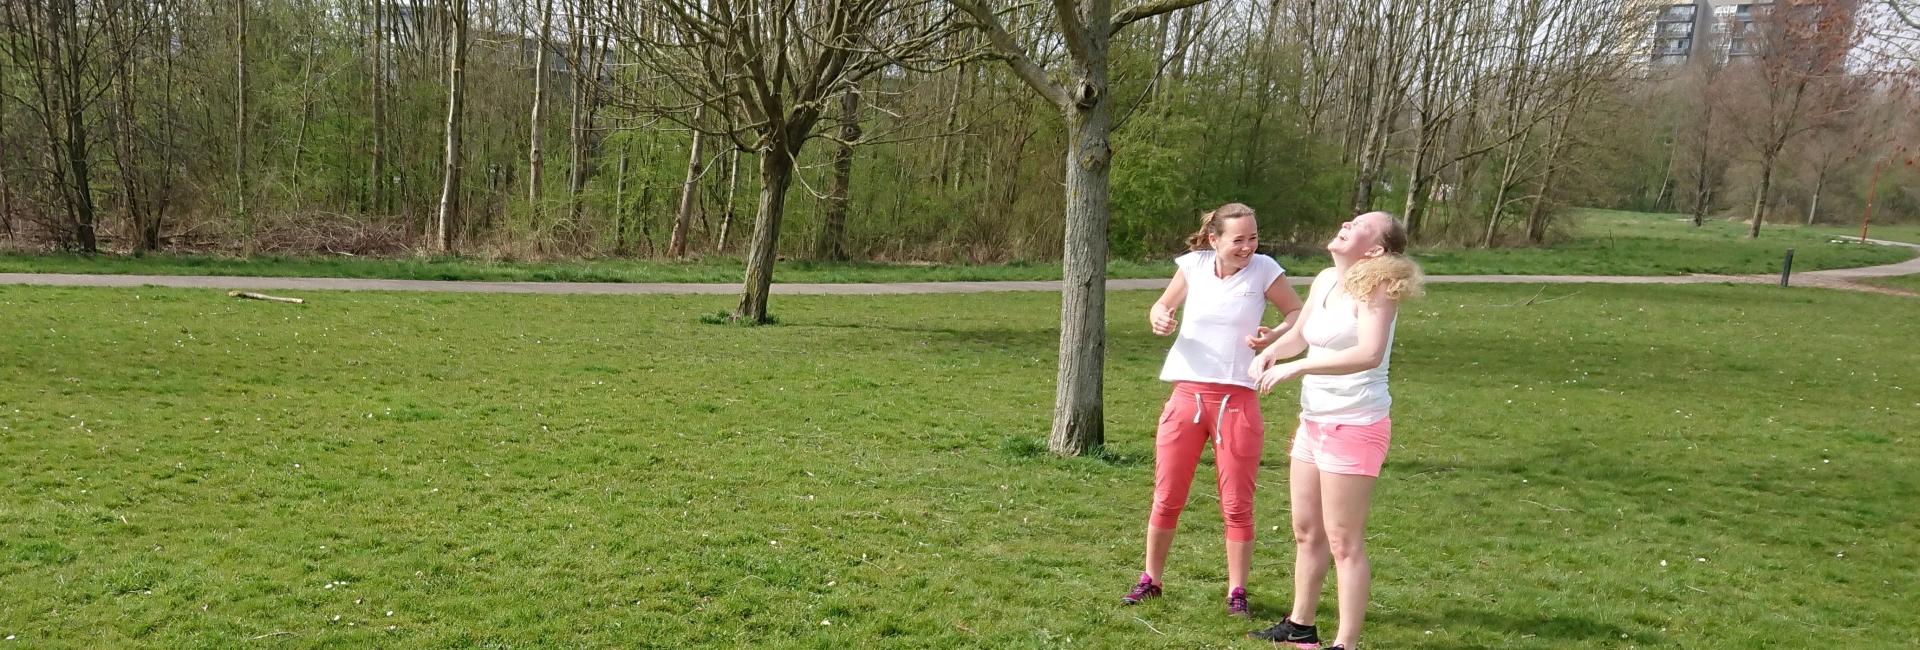 Fysio Maaike geeft in Zoetermeer Personal Training